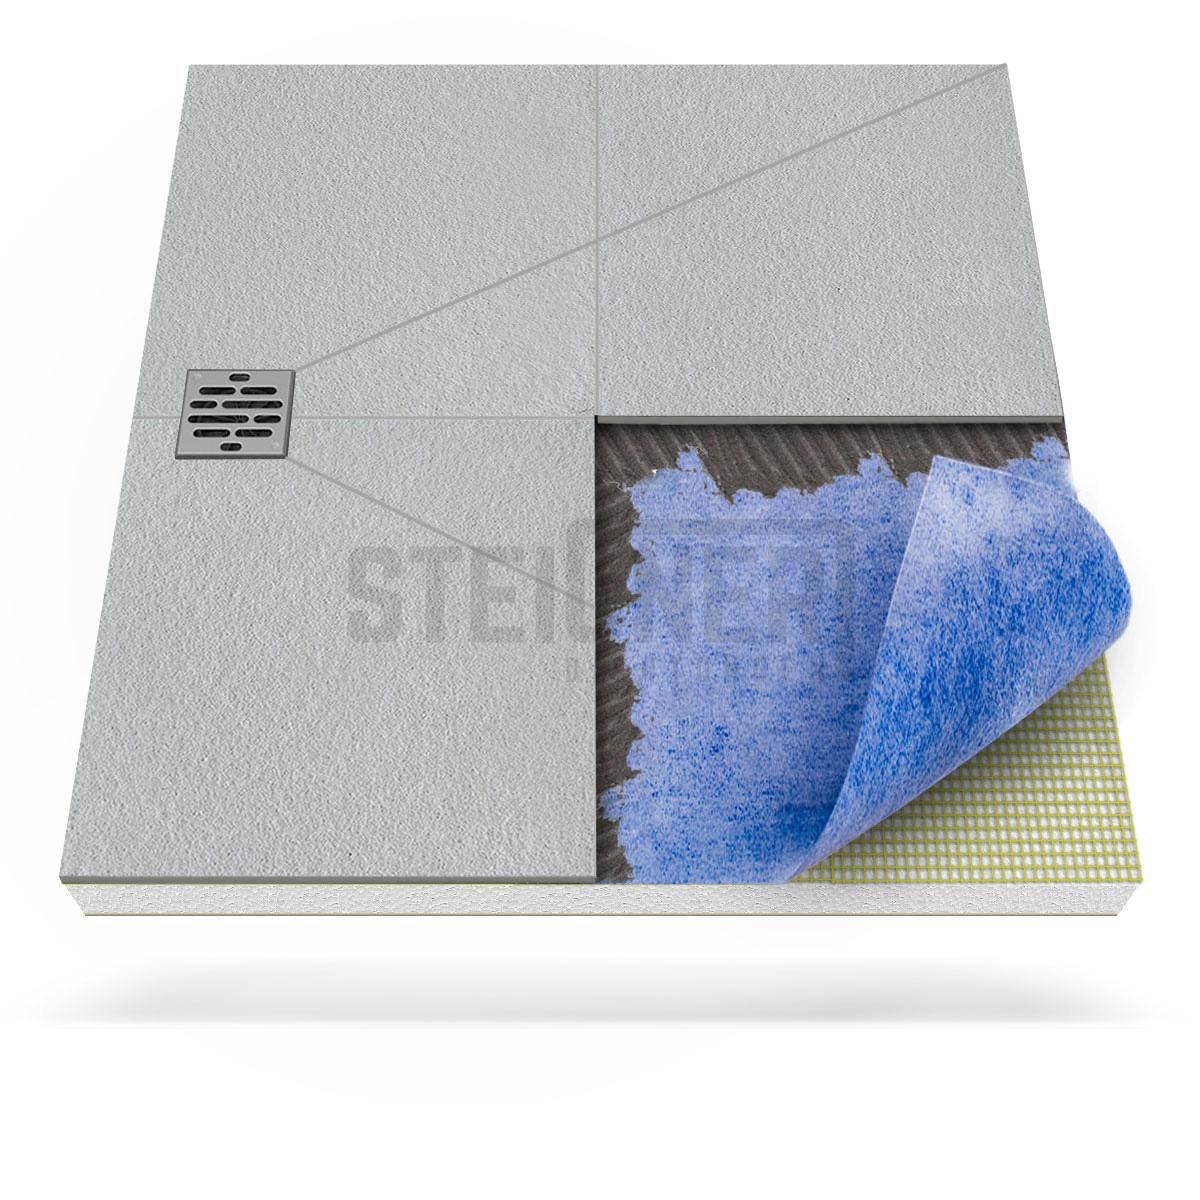 Duschkabine duschelement ablauf dezentral duschboard for Fenster 90x110